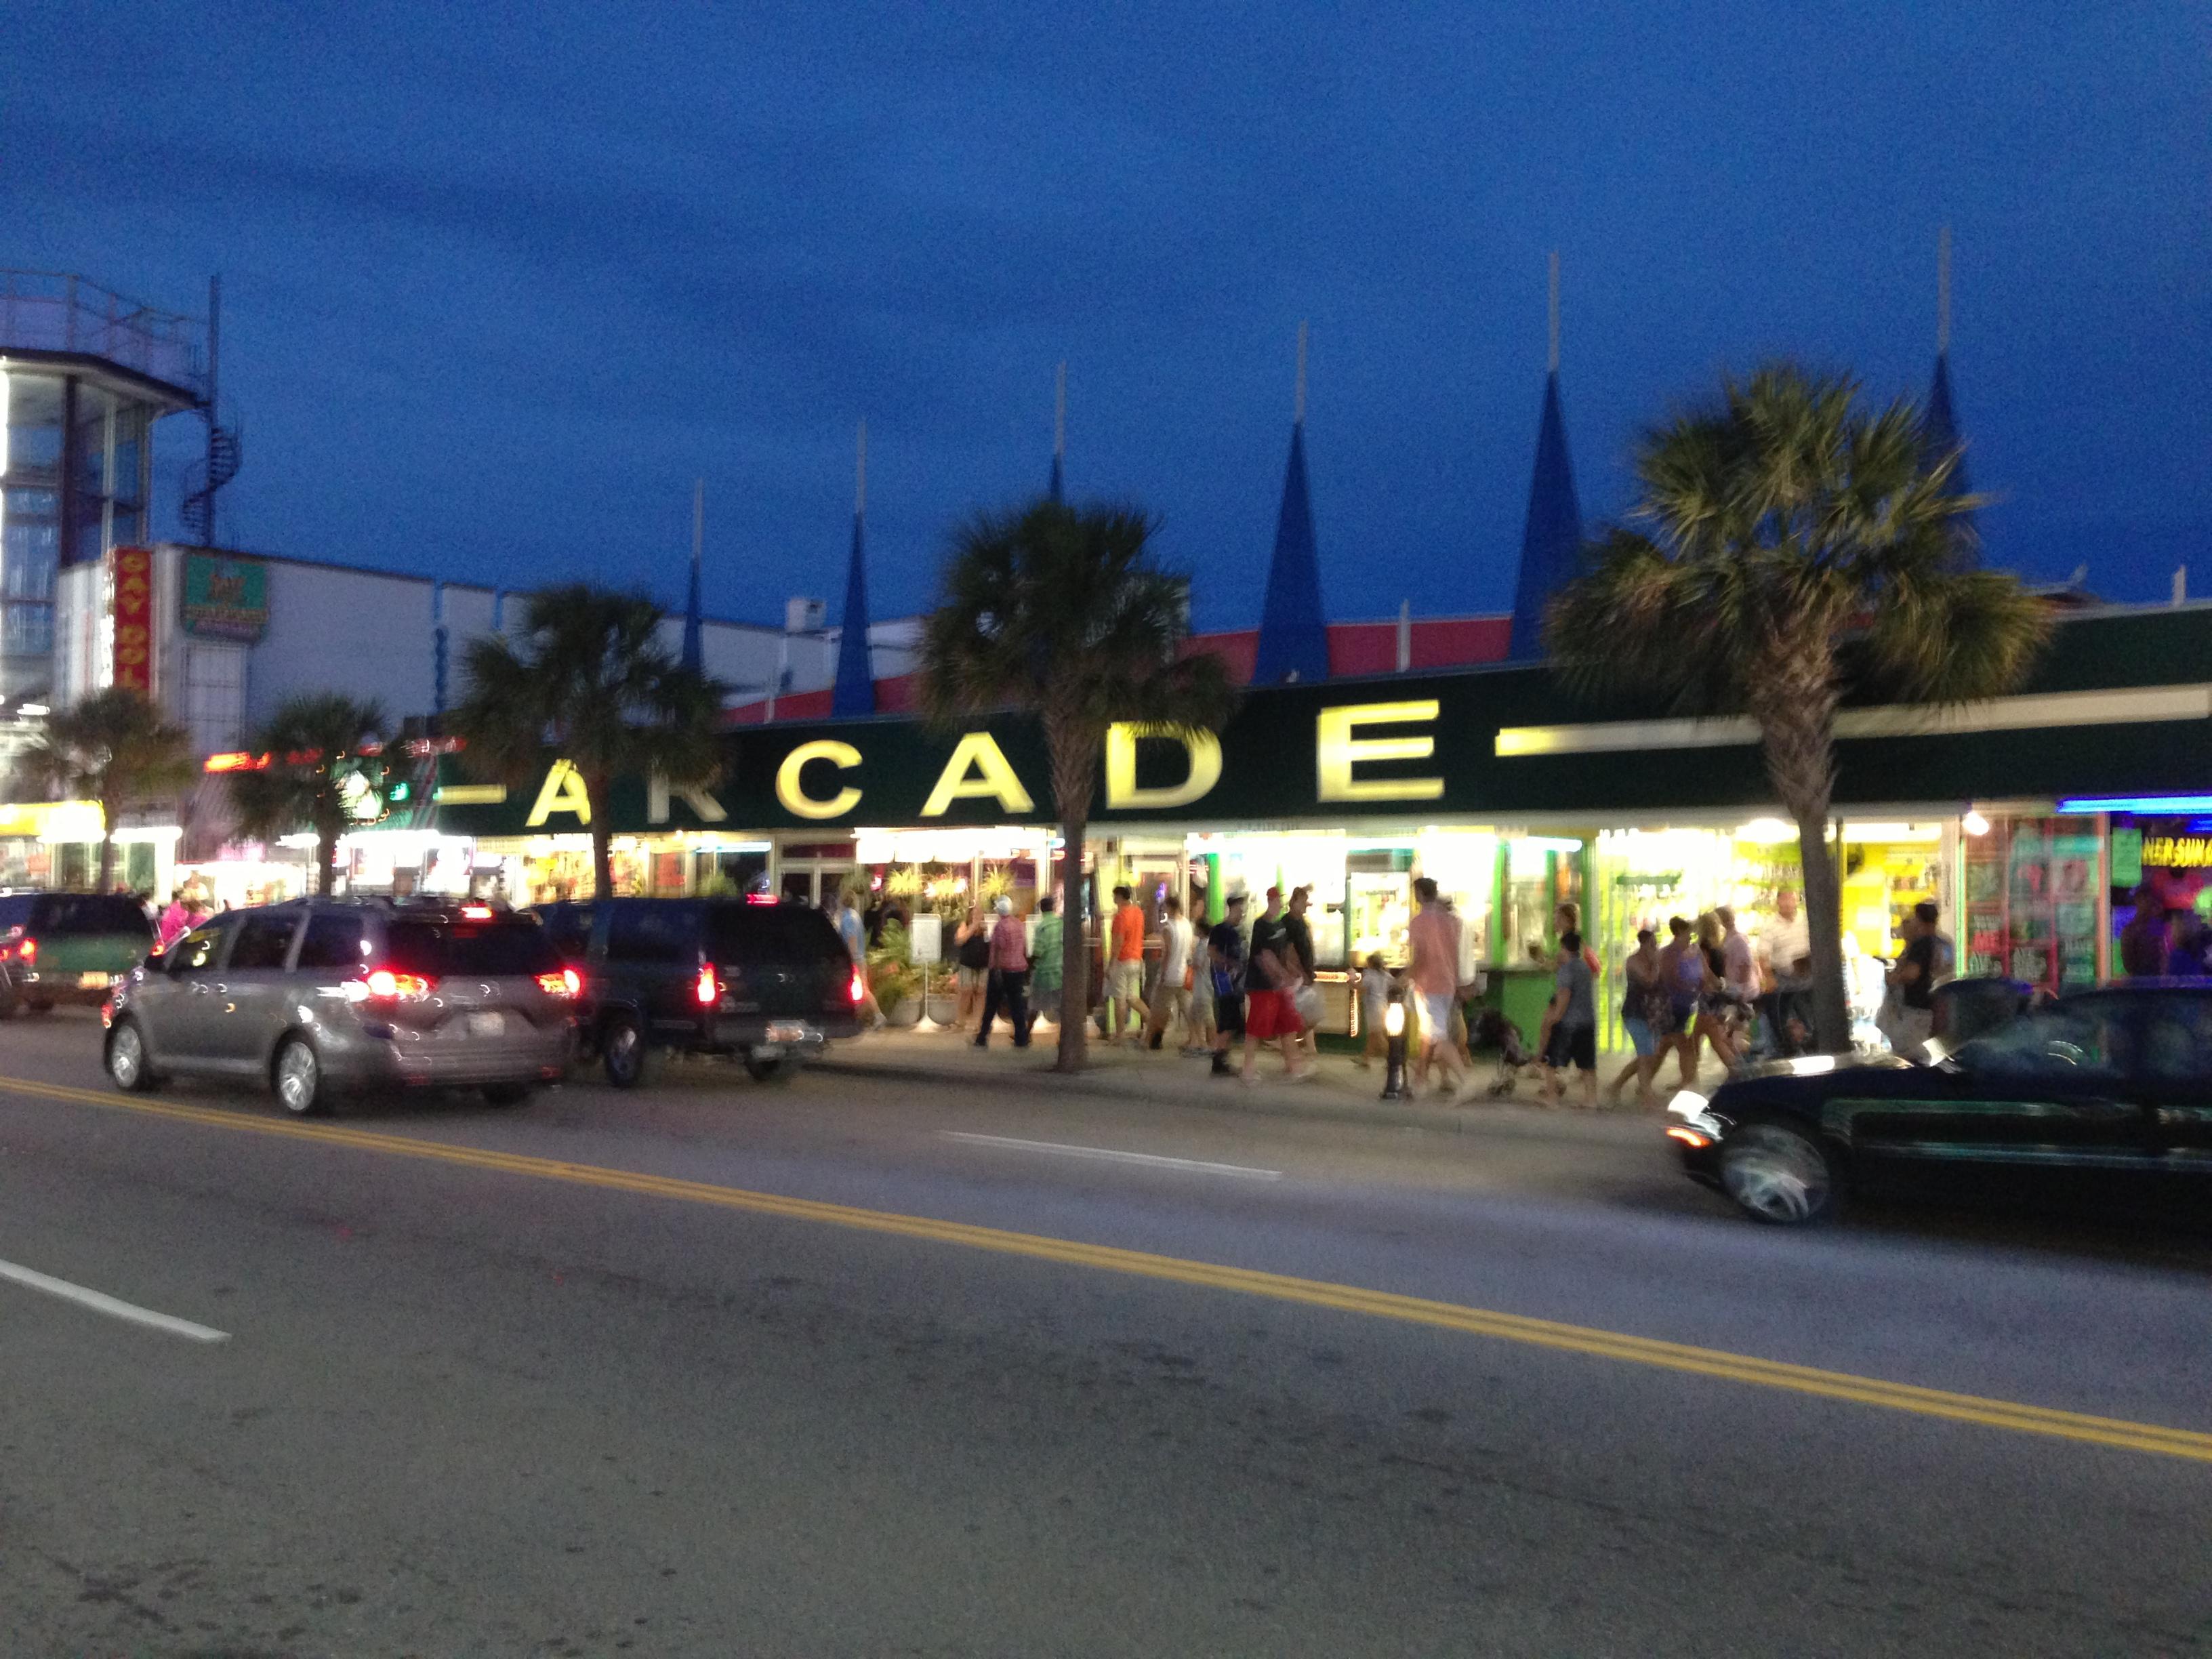 Myrtle Beach Boardwalk Video Arcade